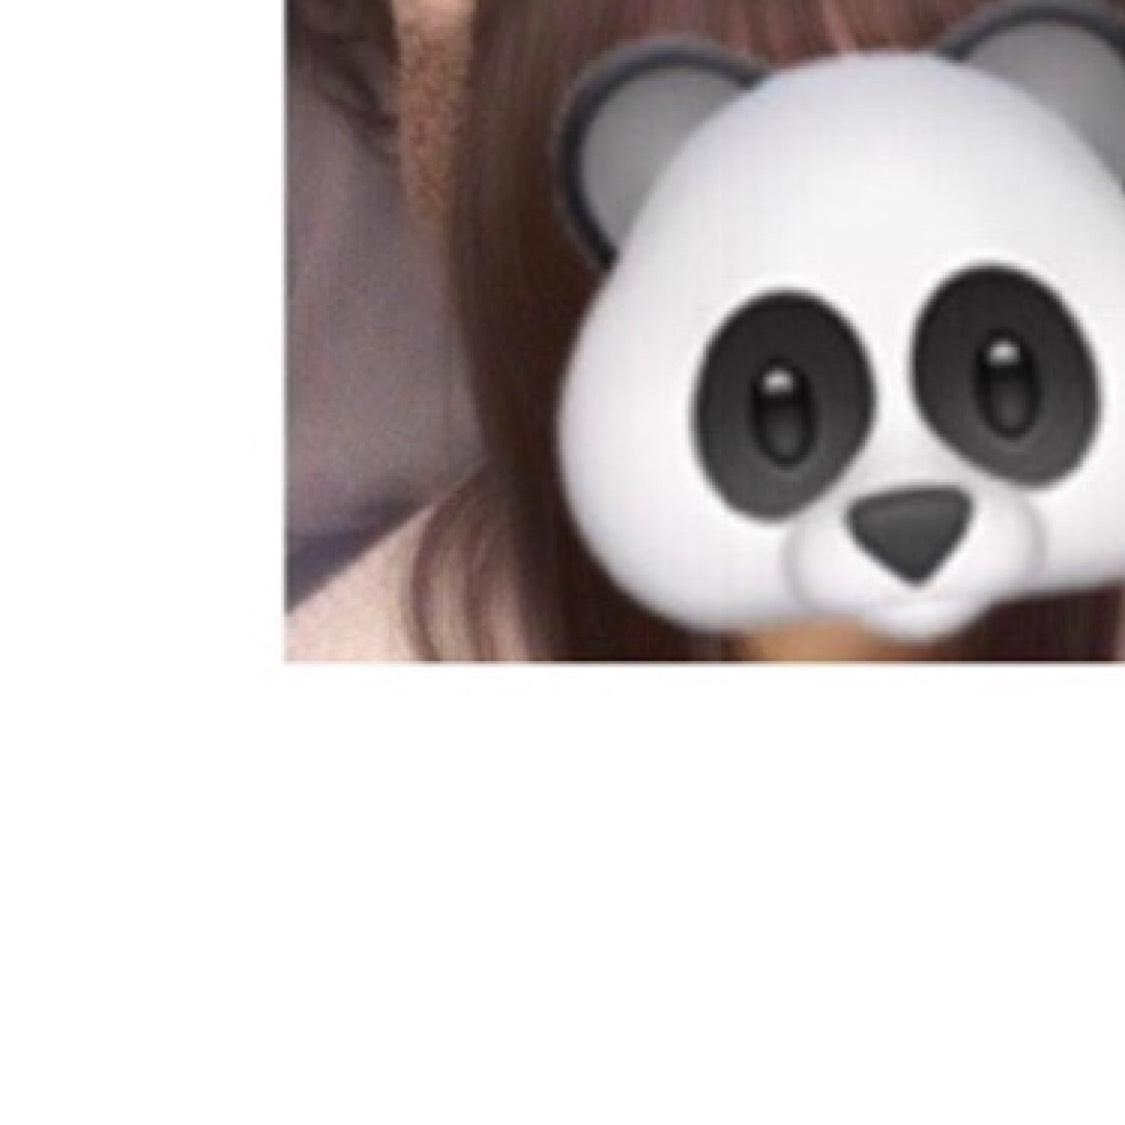 清楚メイク♡のBefore画像